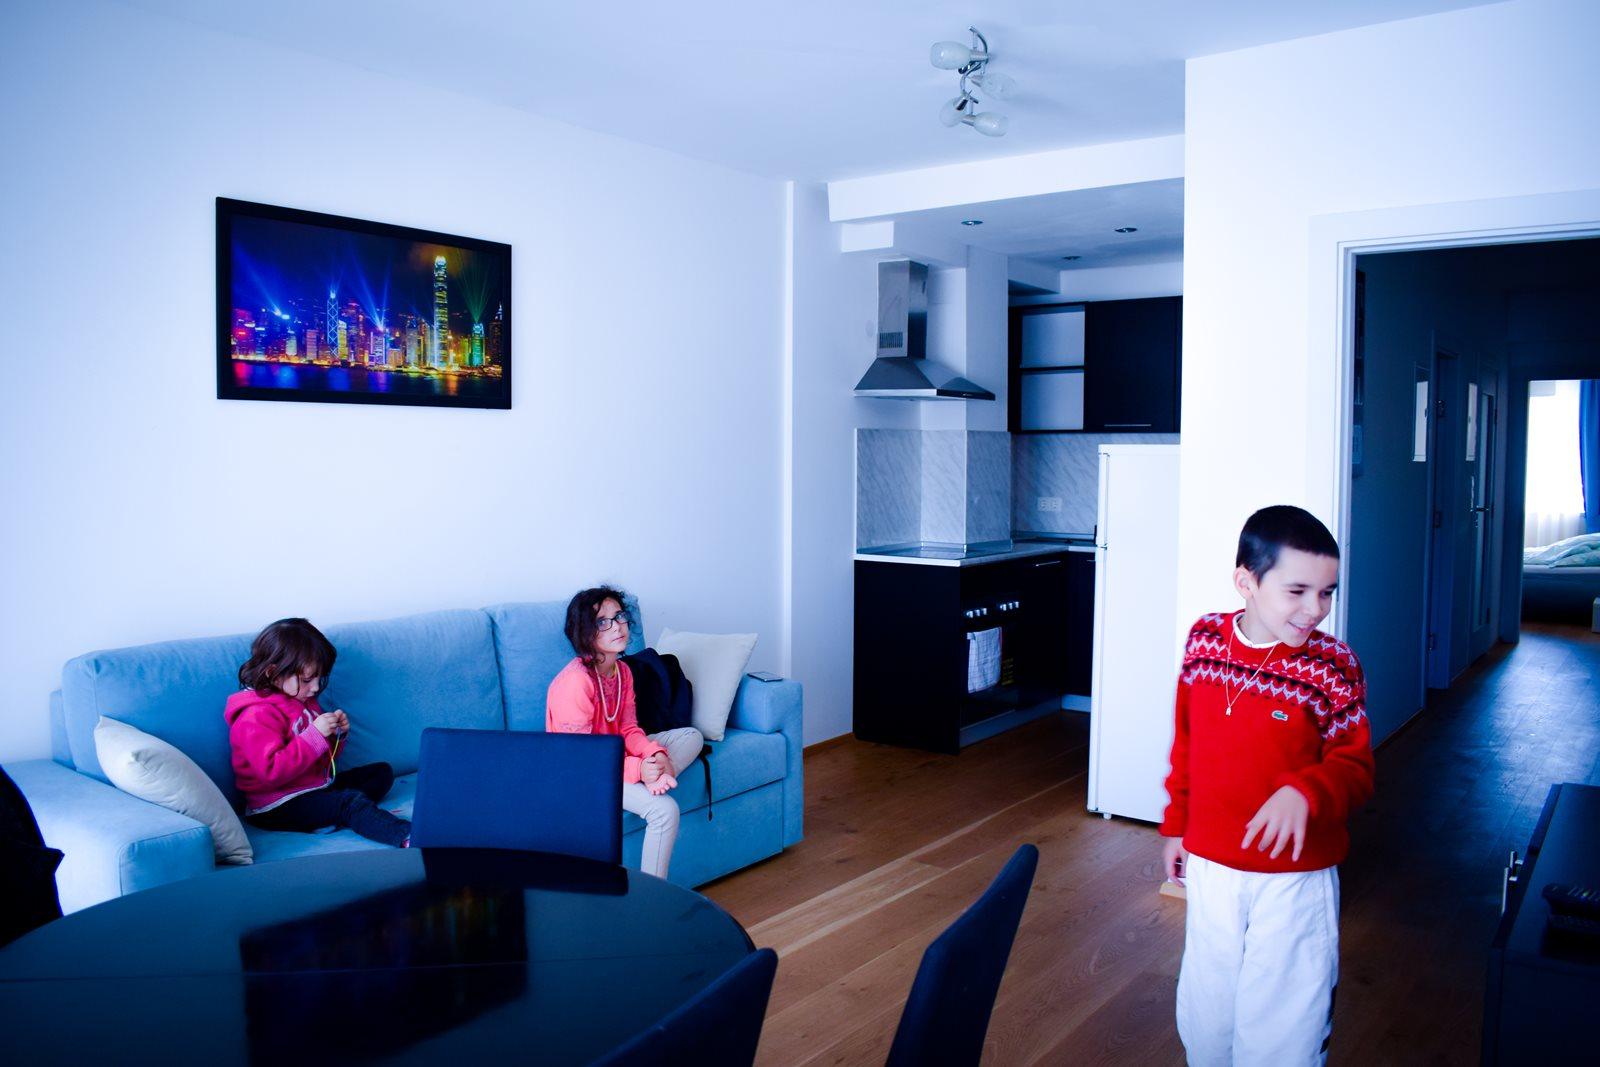 Appartement vienne autriche pas cher voyage trip grand 4blog